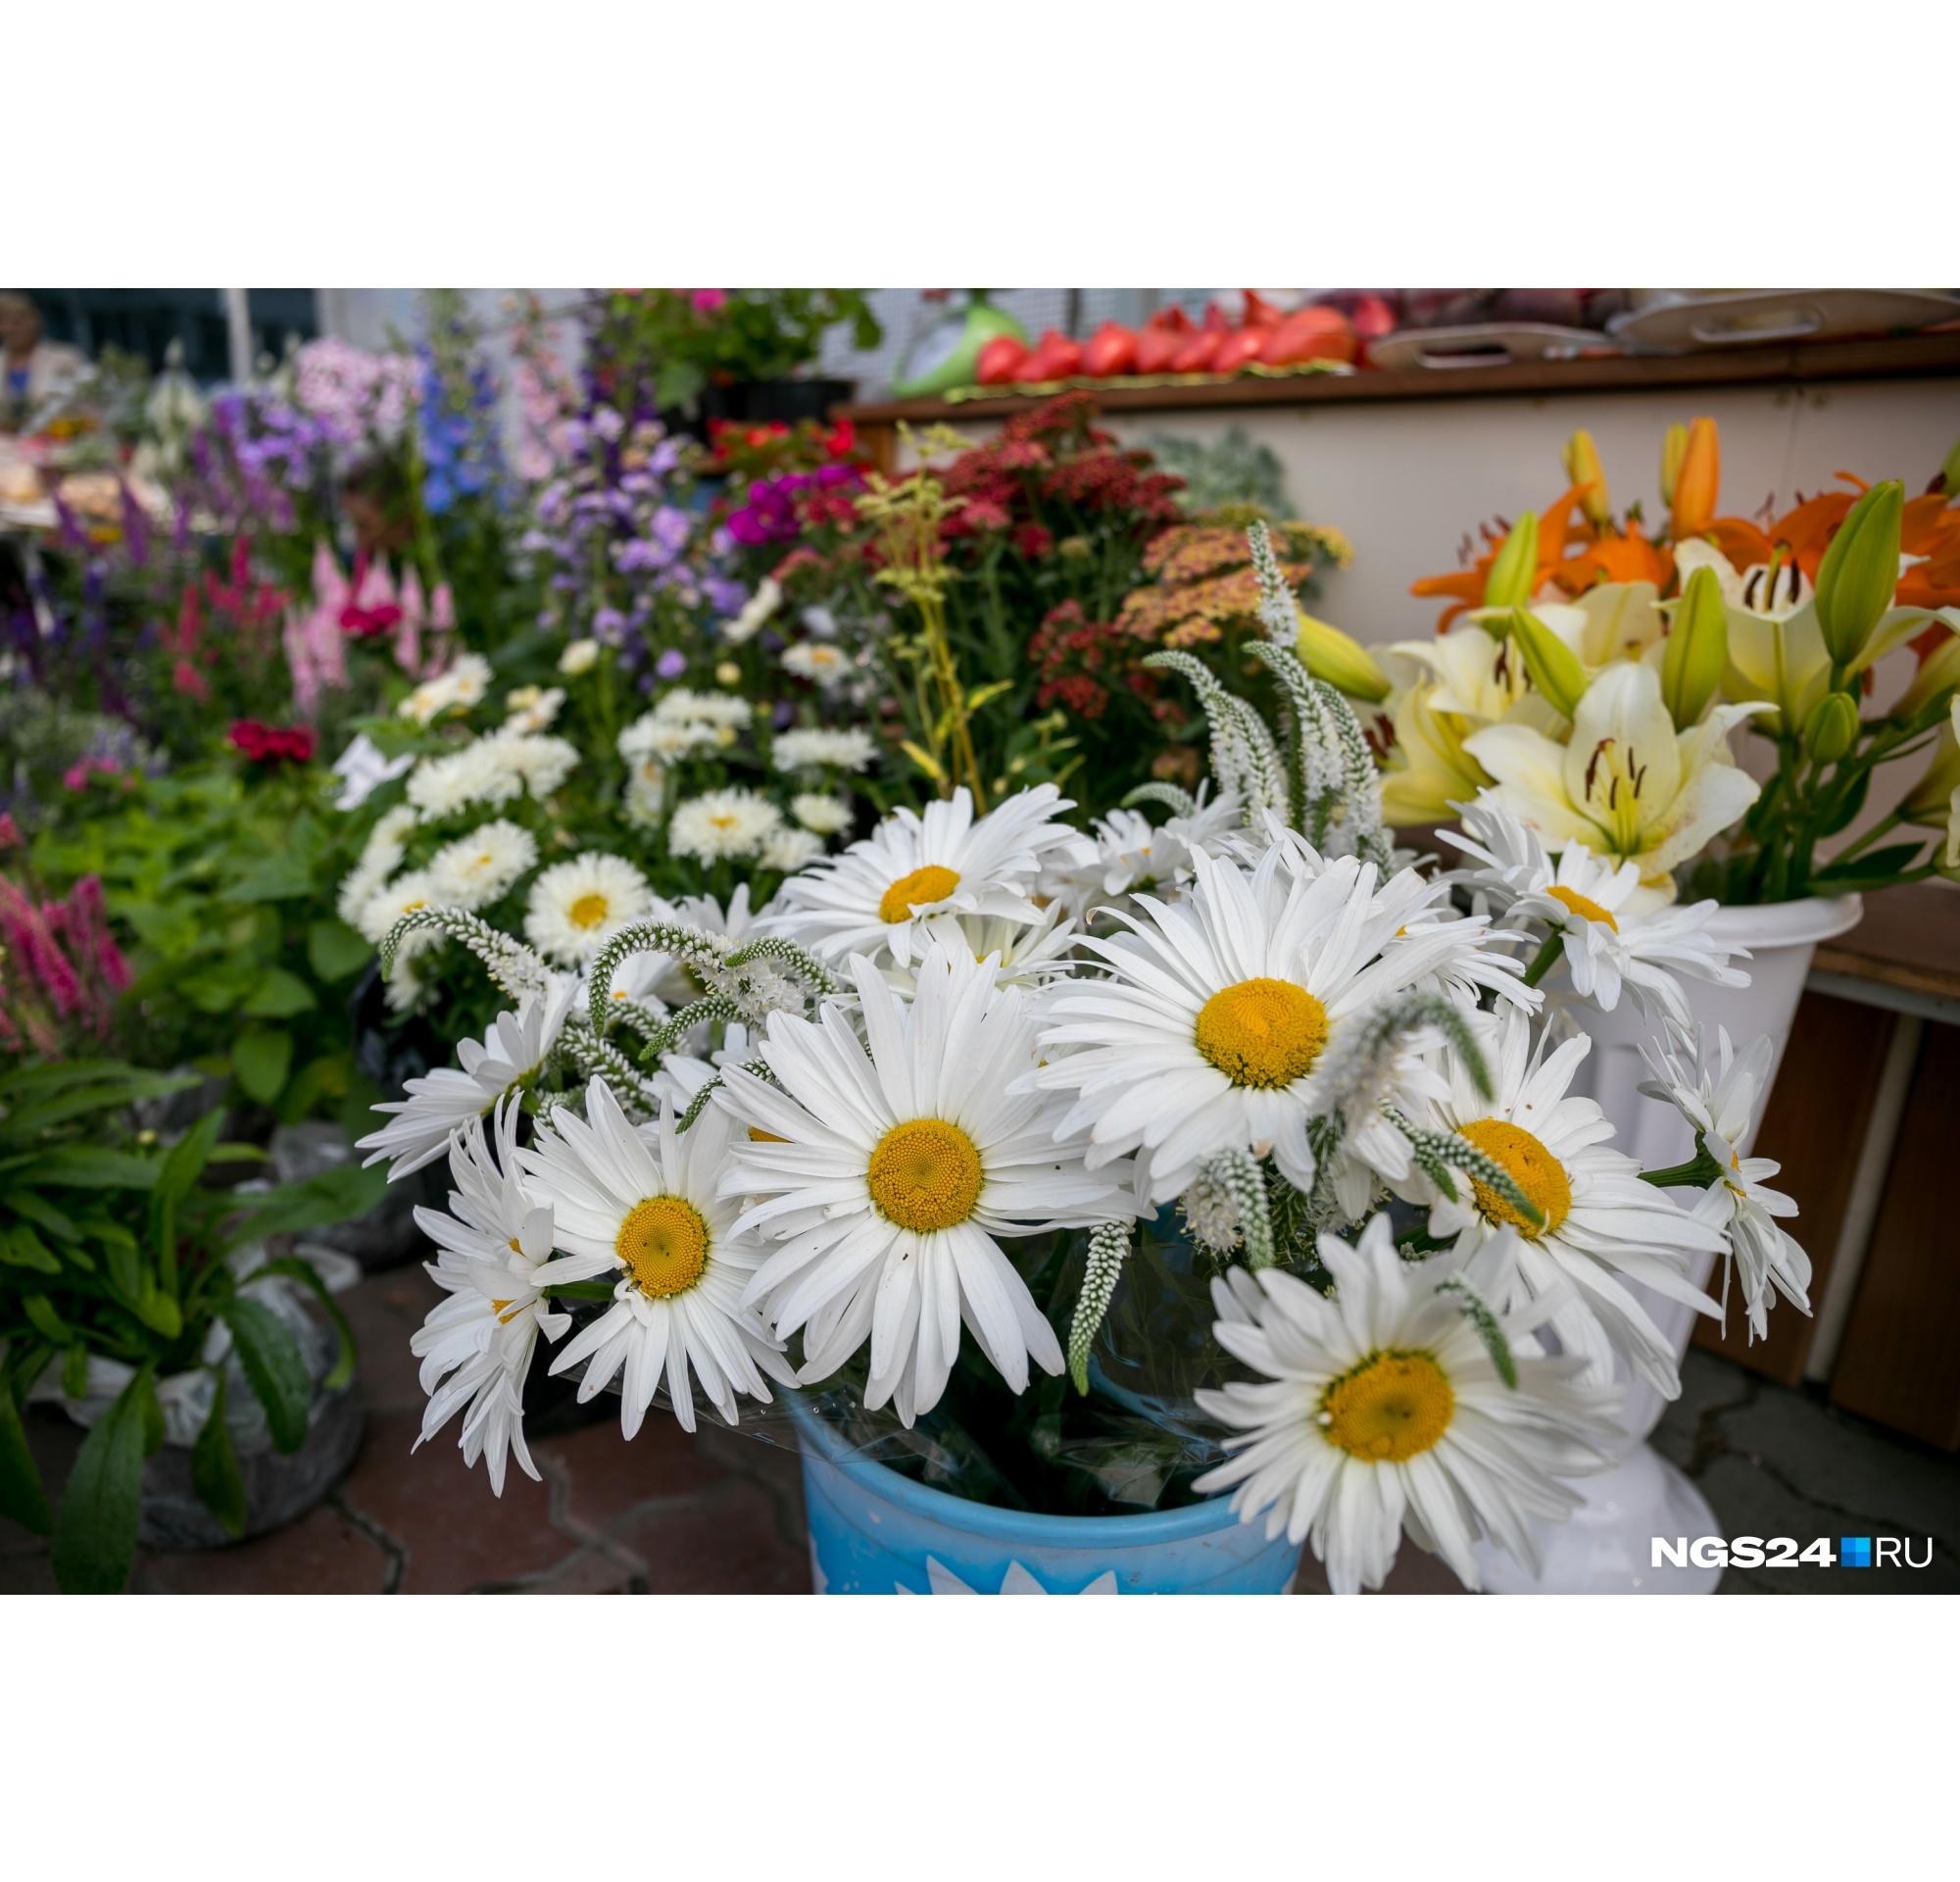 Красноярские цветочники, не успевшие организовать доставку, просто выкидывают свой товар